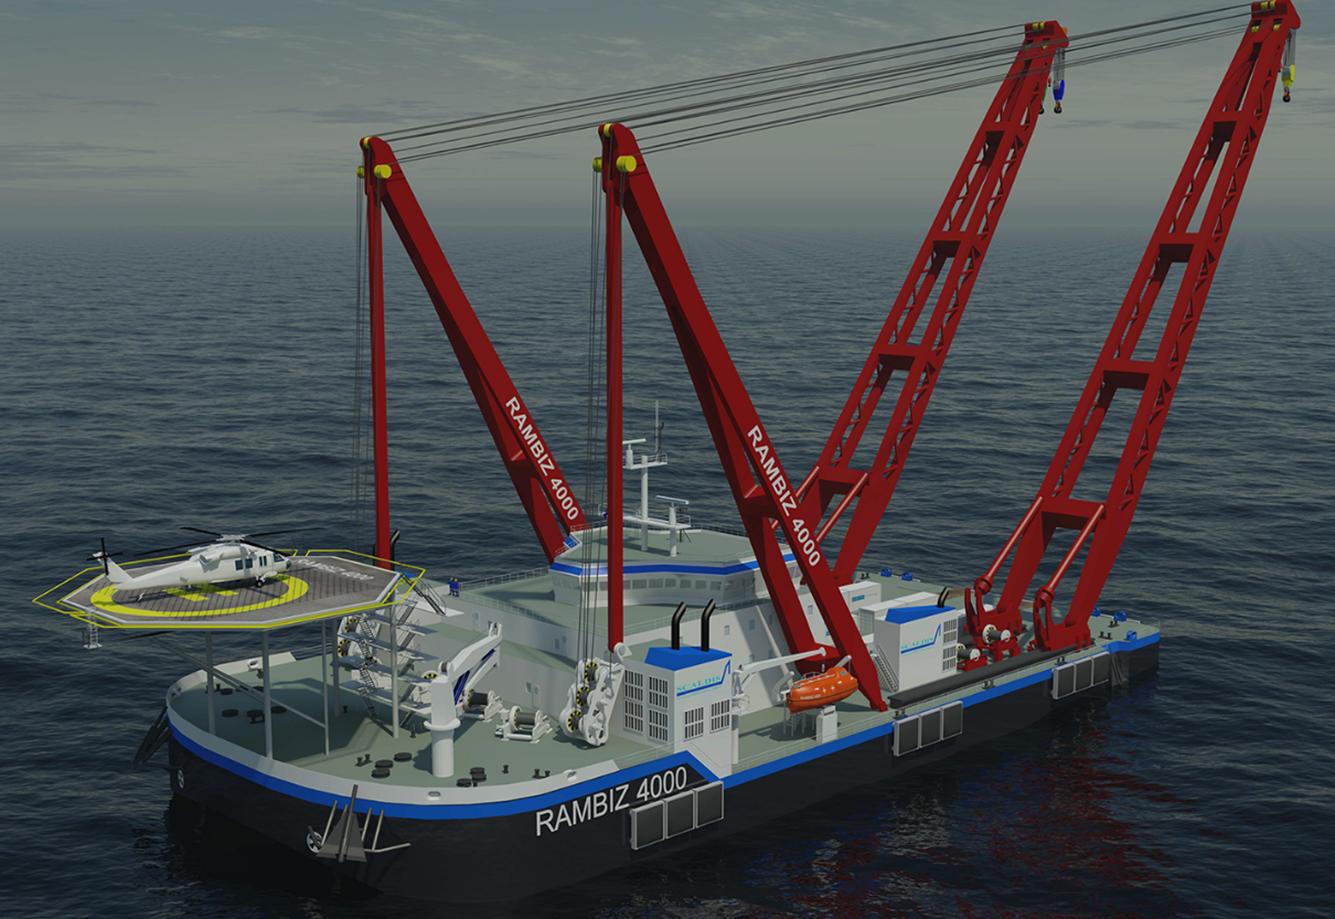 4000吨自航重吊起重船-上海瑞司倍